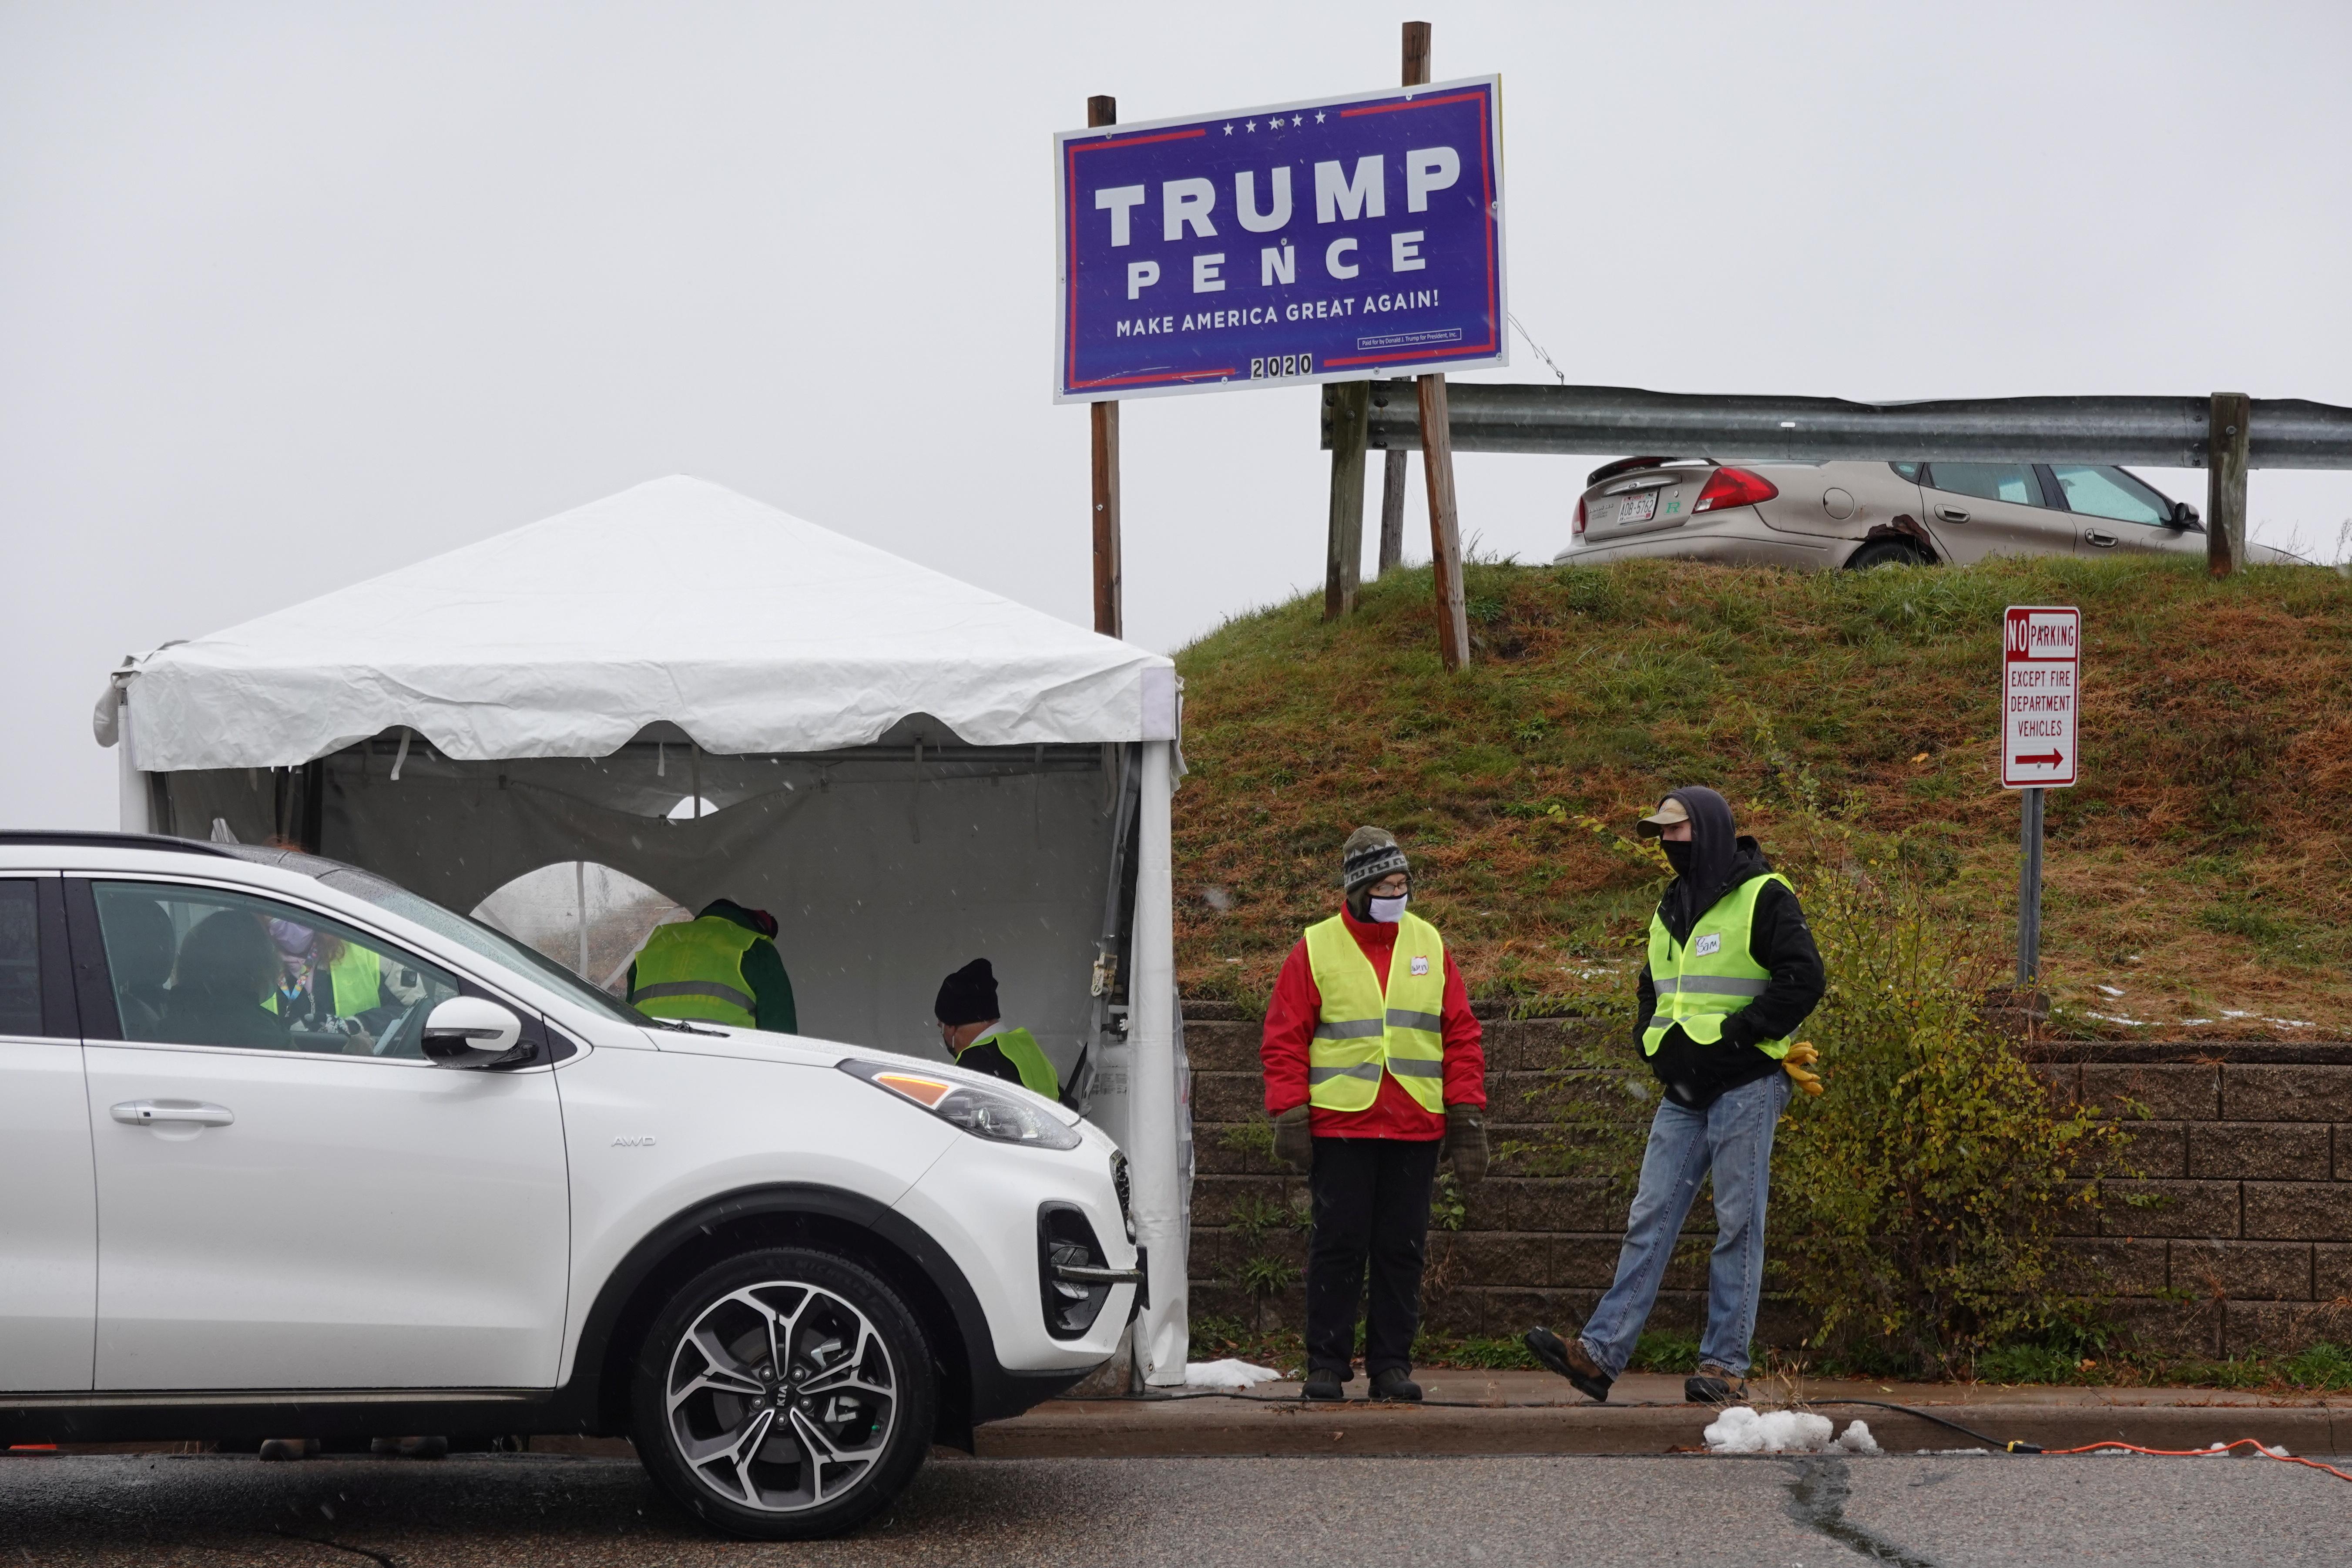 圖為威斯康辛州歐克萊爾市的一個快速駕車提前投票站。 路透社